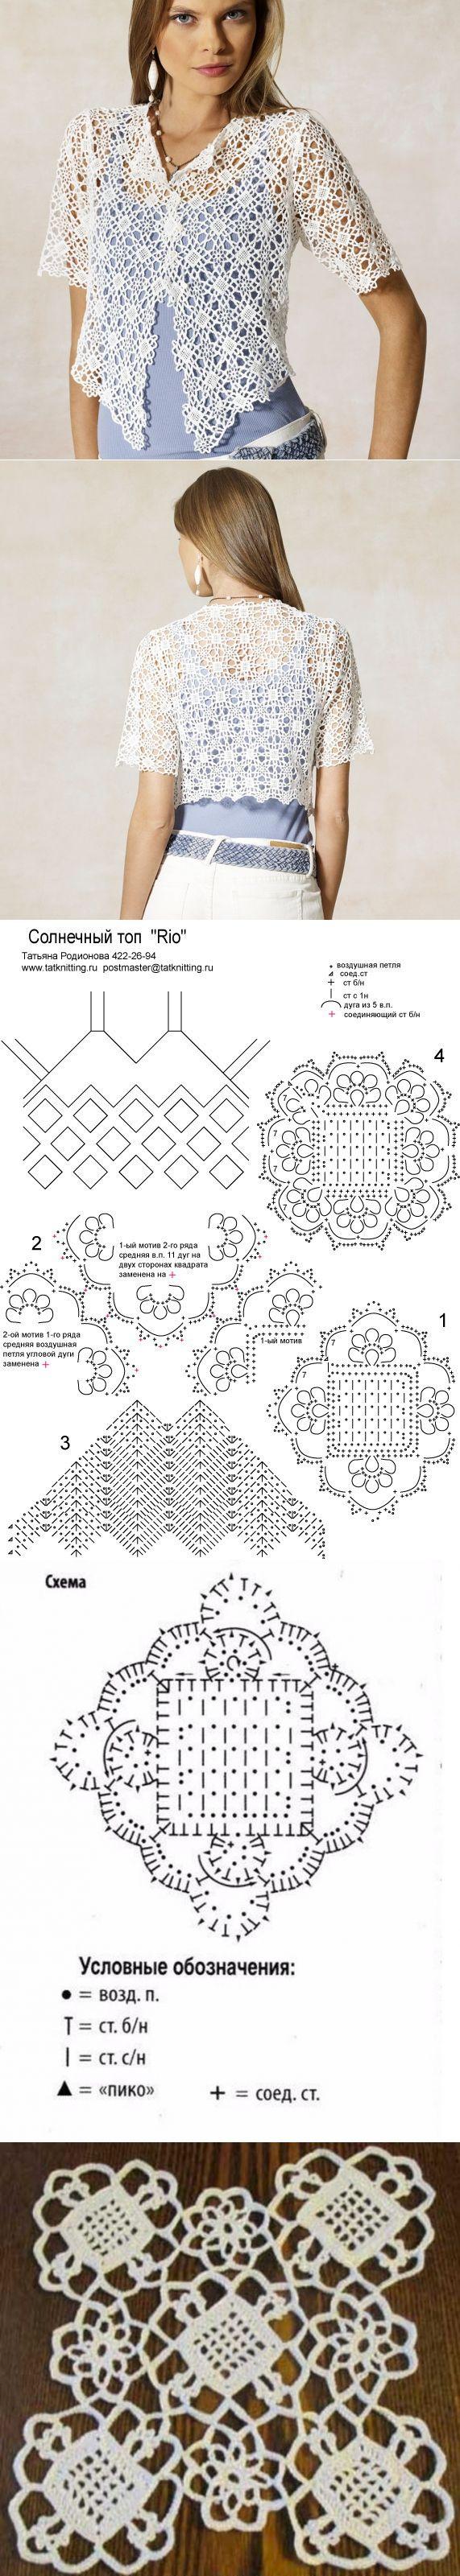 Старинный квадратный мотив с сеточкой - идеи и модели с описанием